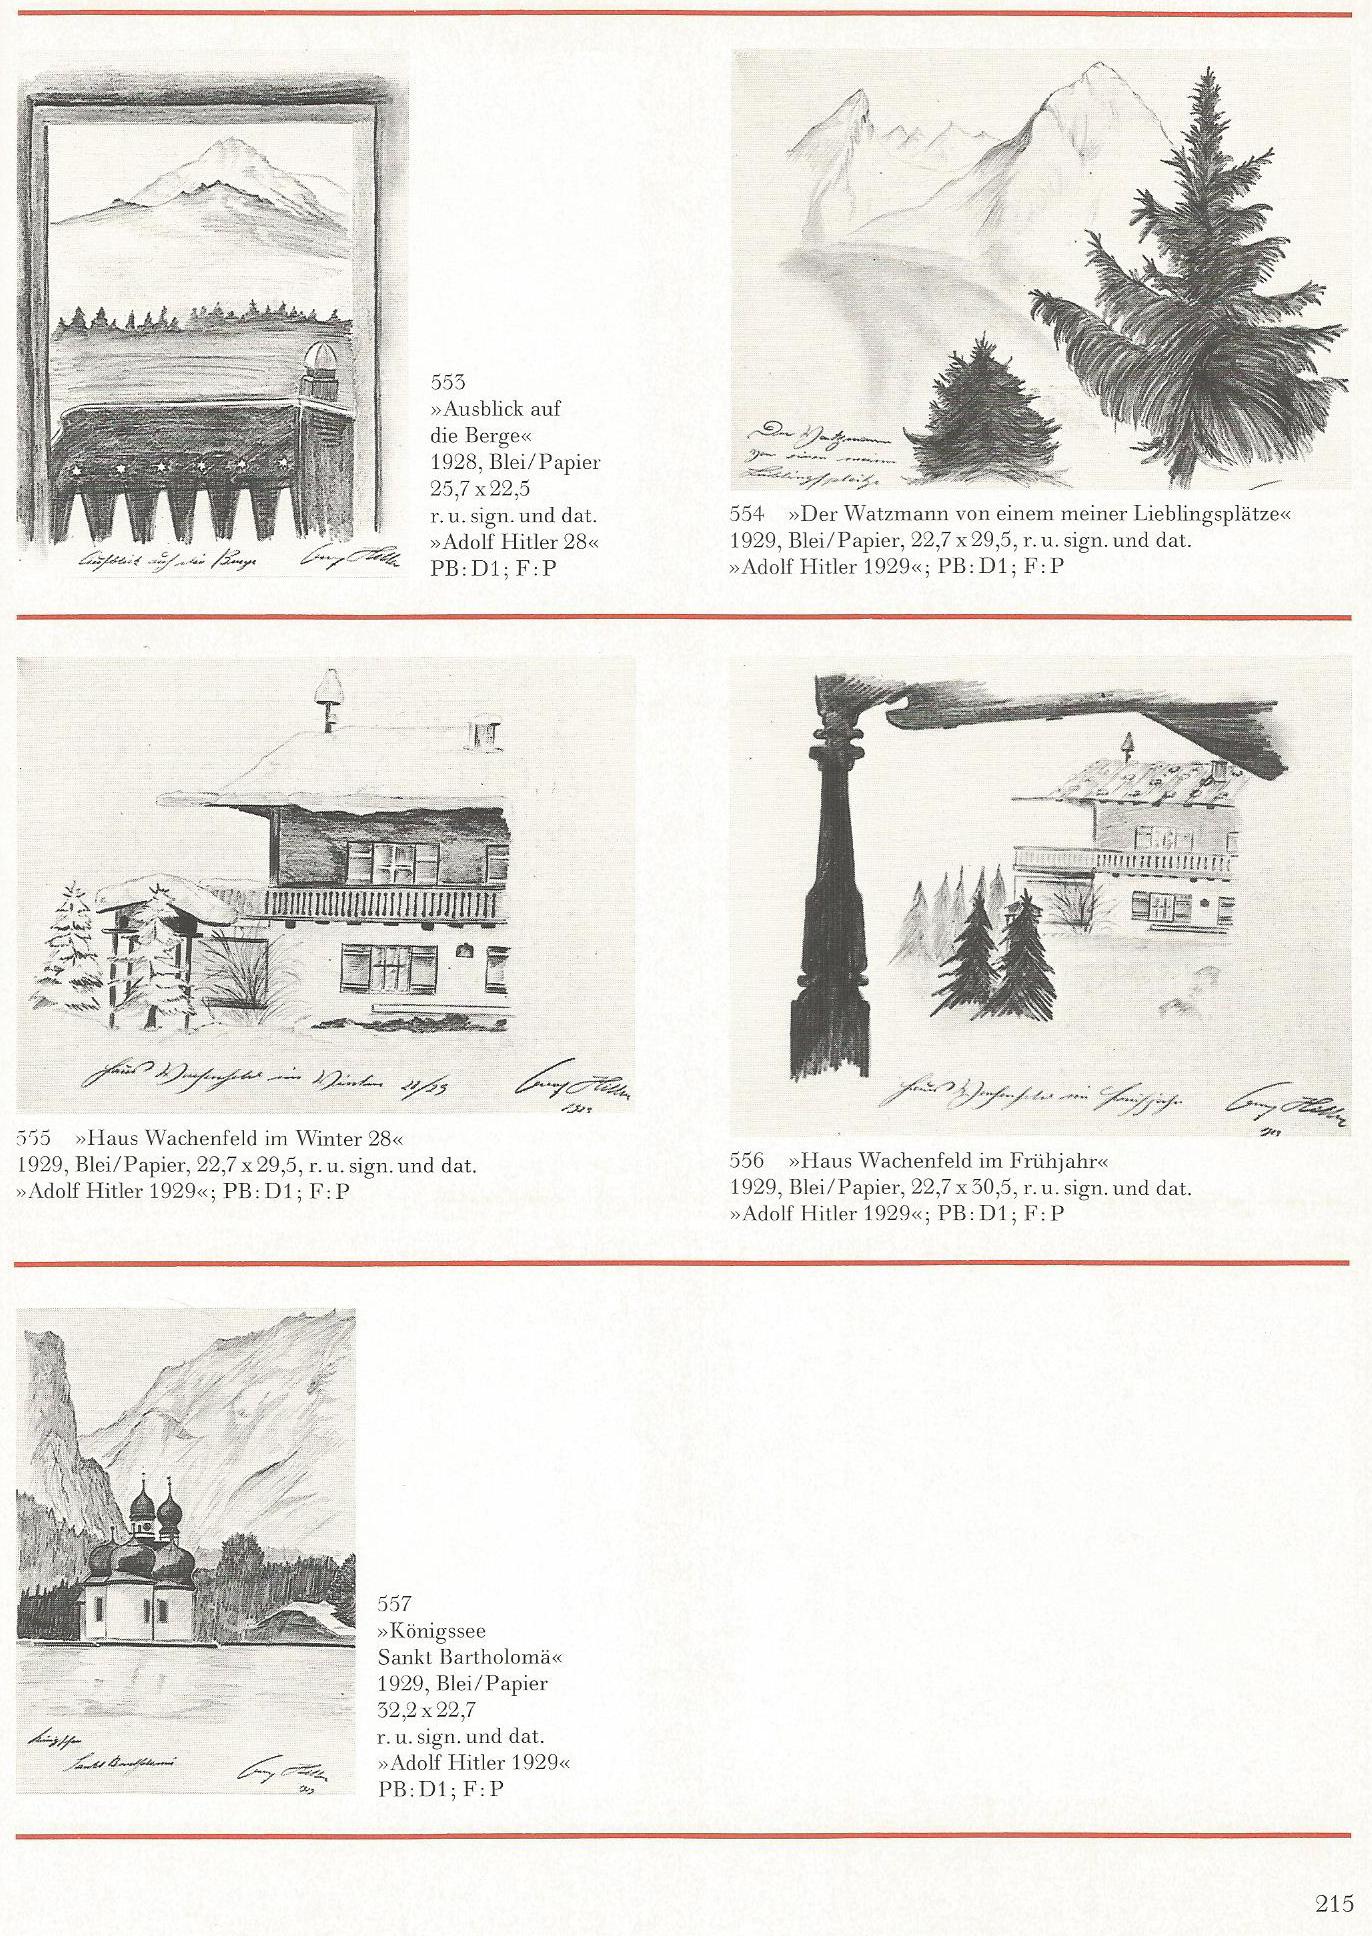 Schön Sankt Briefpapier Vorlage Galerie - Entry Level Resume ...